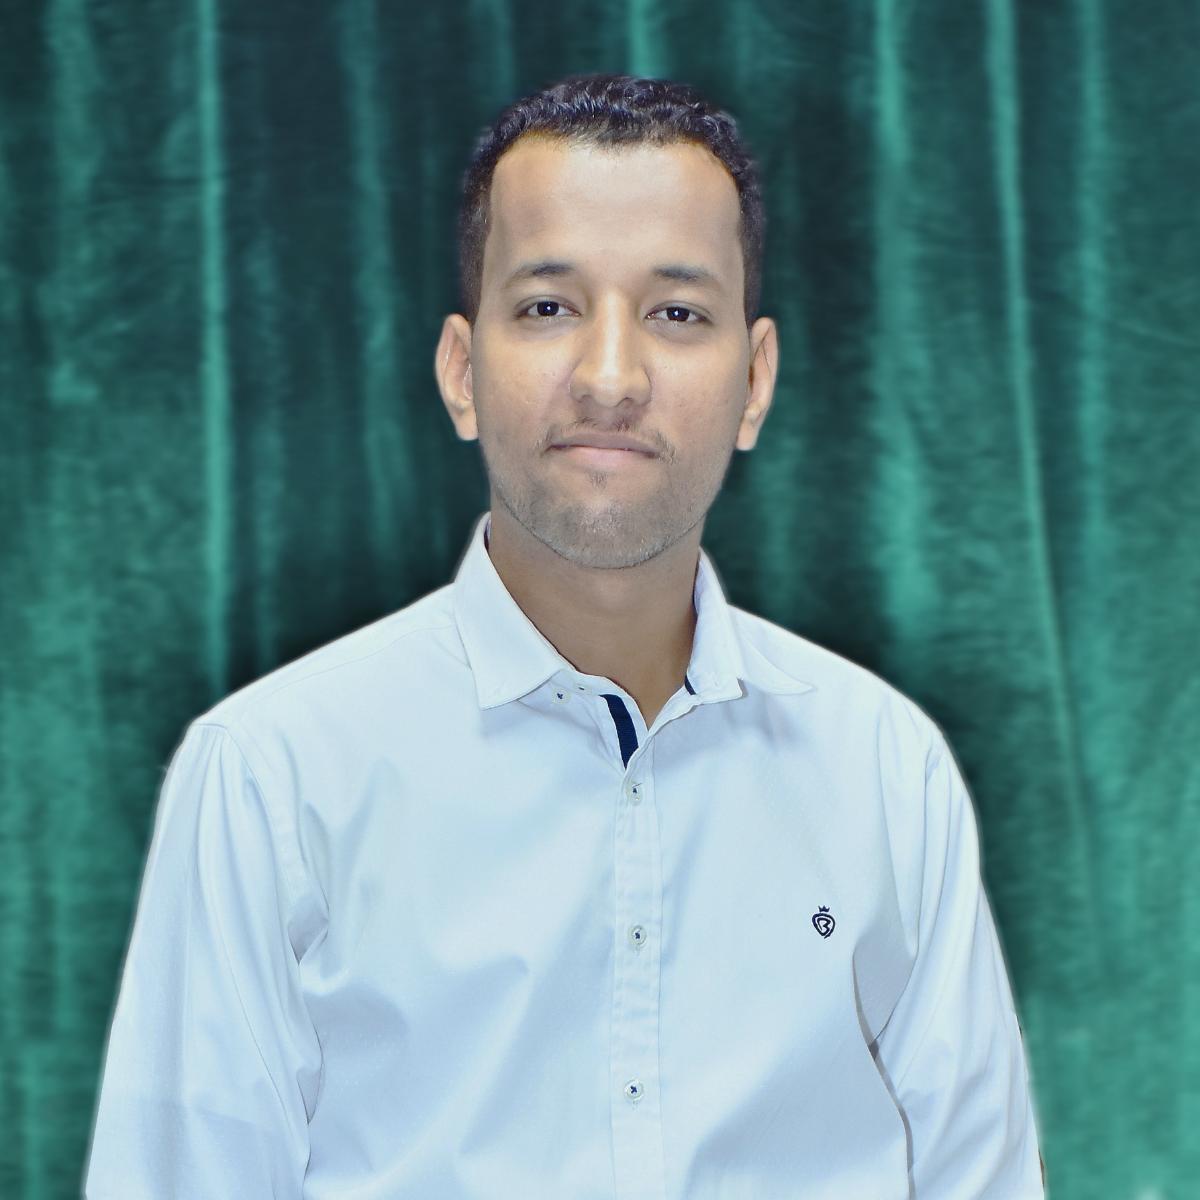 Dr. Abdulla Mohammed Bagahizel